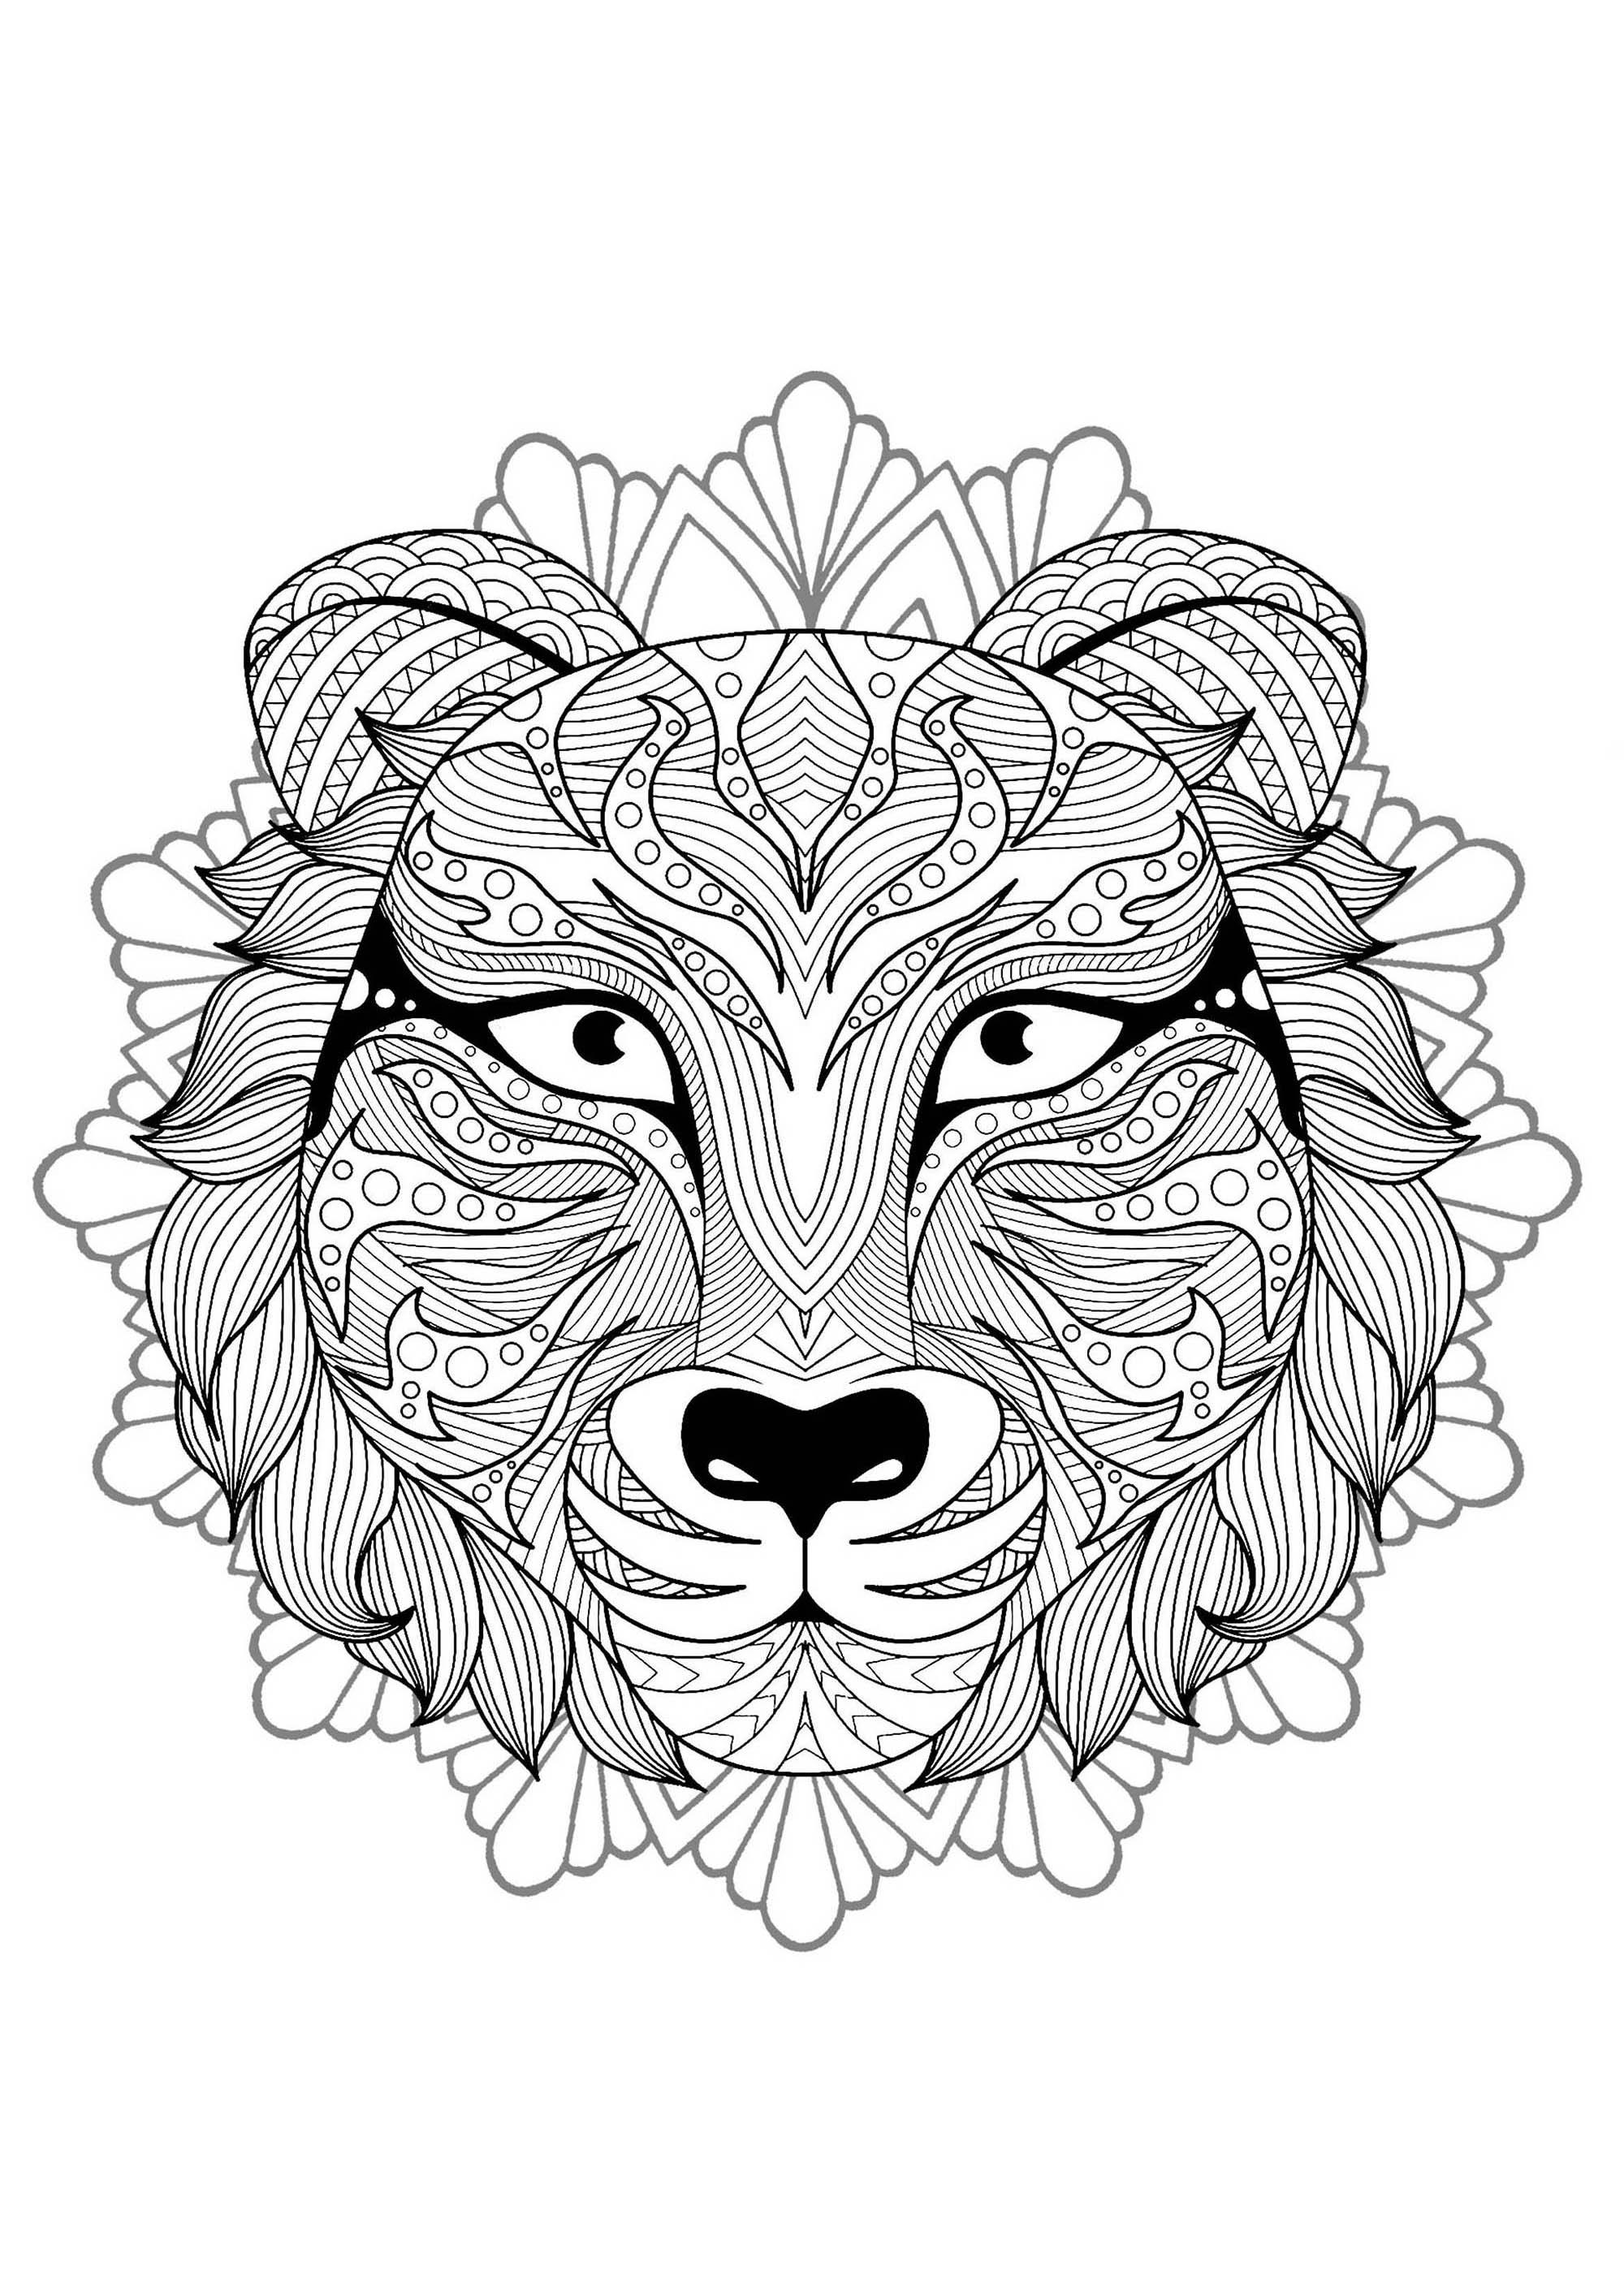 Mandala tete tigre 3 mandalas coloriages difficiles - Coloriage colorier ...